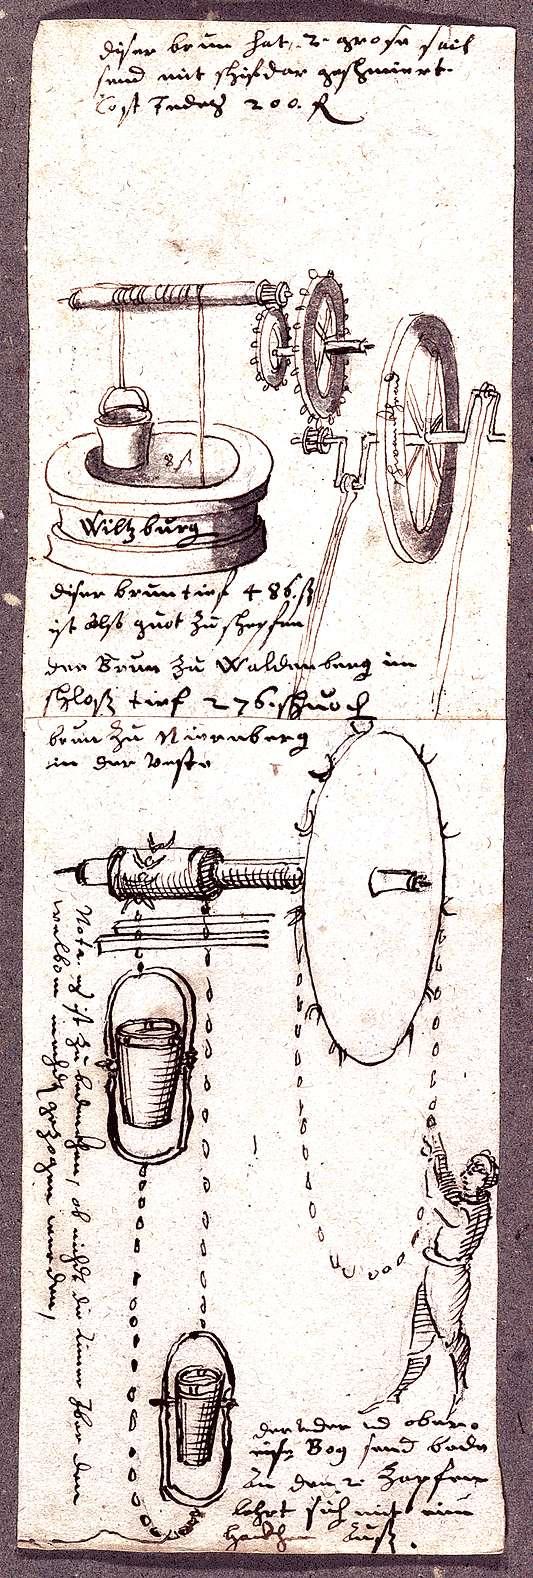 Schöpfbrunnen auf der Wilzburg, Ansichtsskizze, Schöpfbrunnen in Nürnberg, mit Zeichnung eines Mannes, der den Brunnen bedient, und Darstellung der Eimerkette, jeweils mit Erläuterungen und Maßangaben (30 x 9 cm), Bild 1